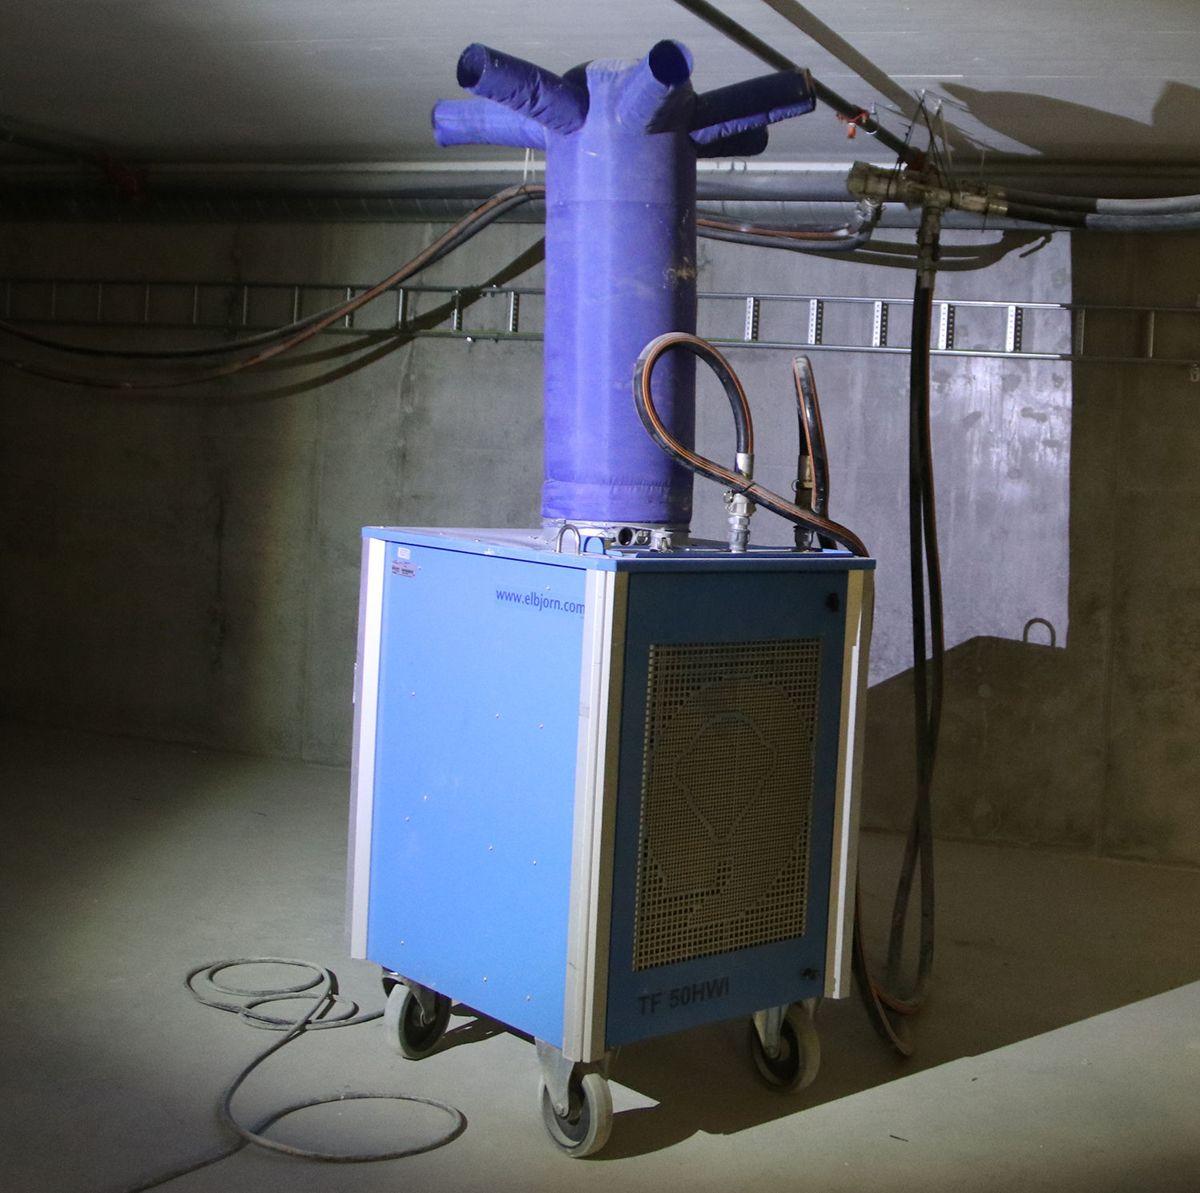 Et av varmeaggregatene i bygget.